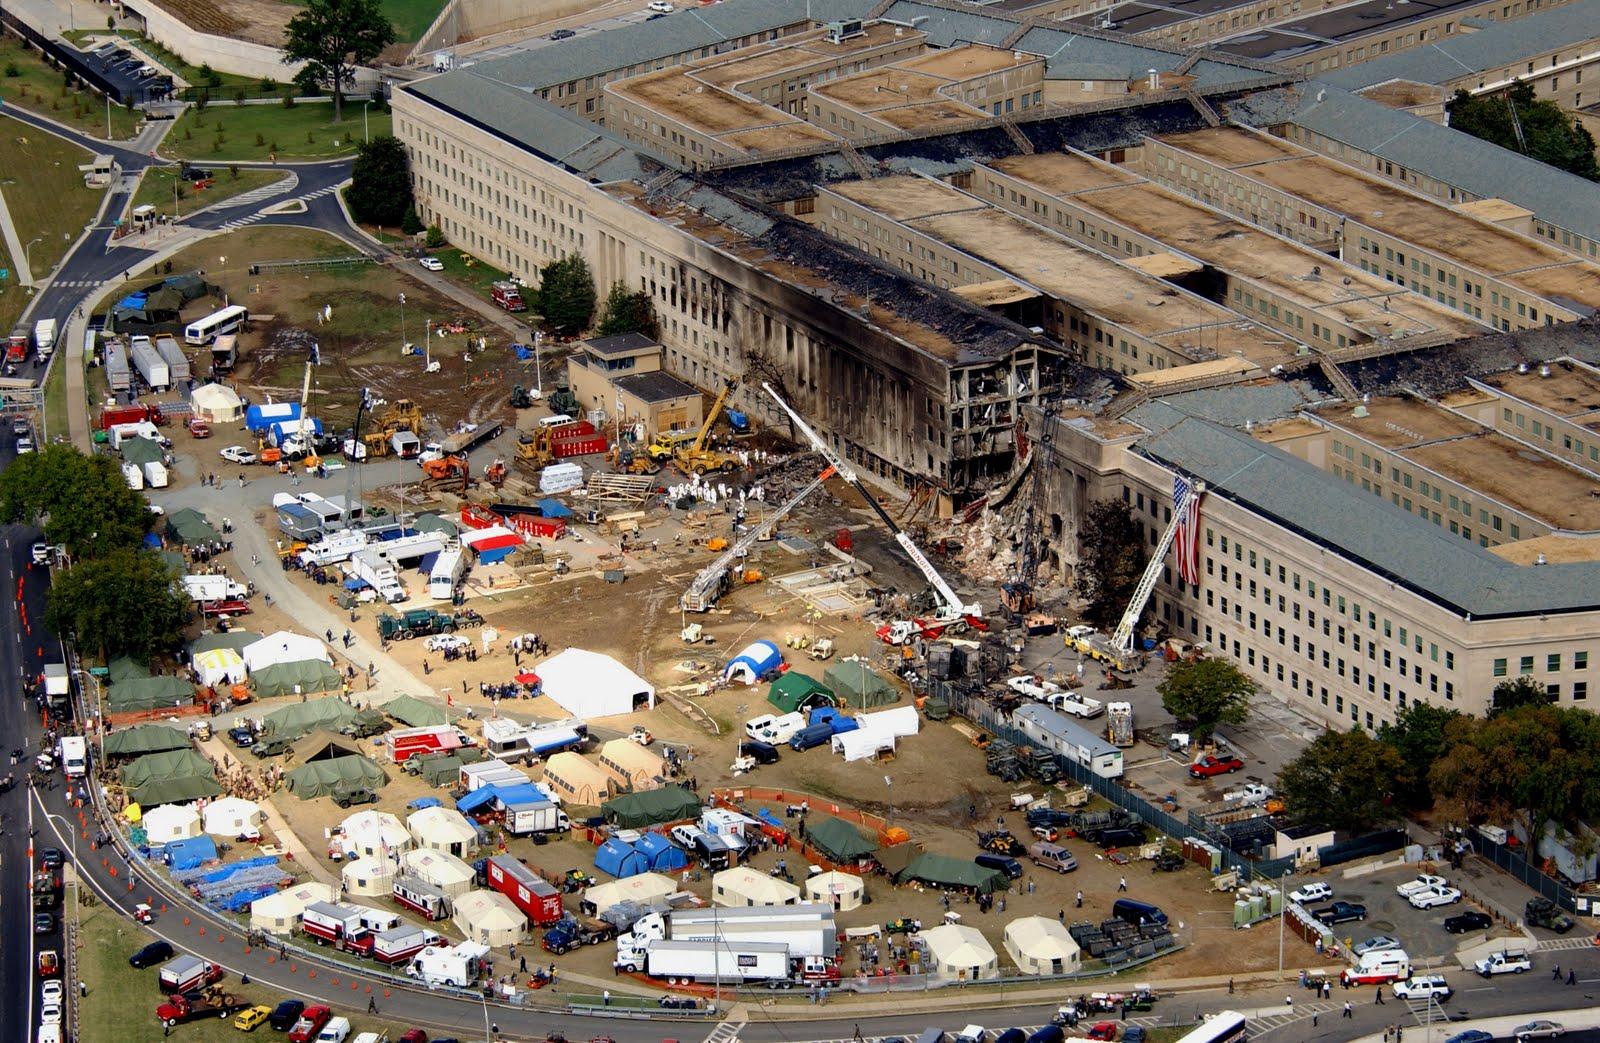 undicisettembre interview a pentagon rescuer daniel nimrod